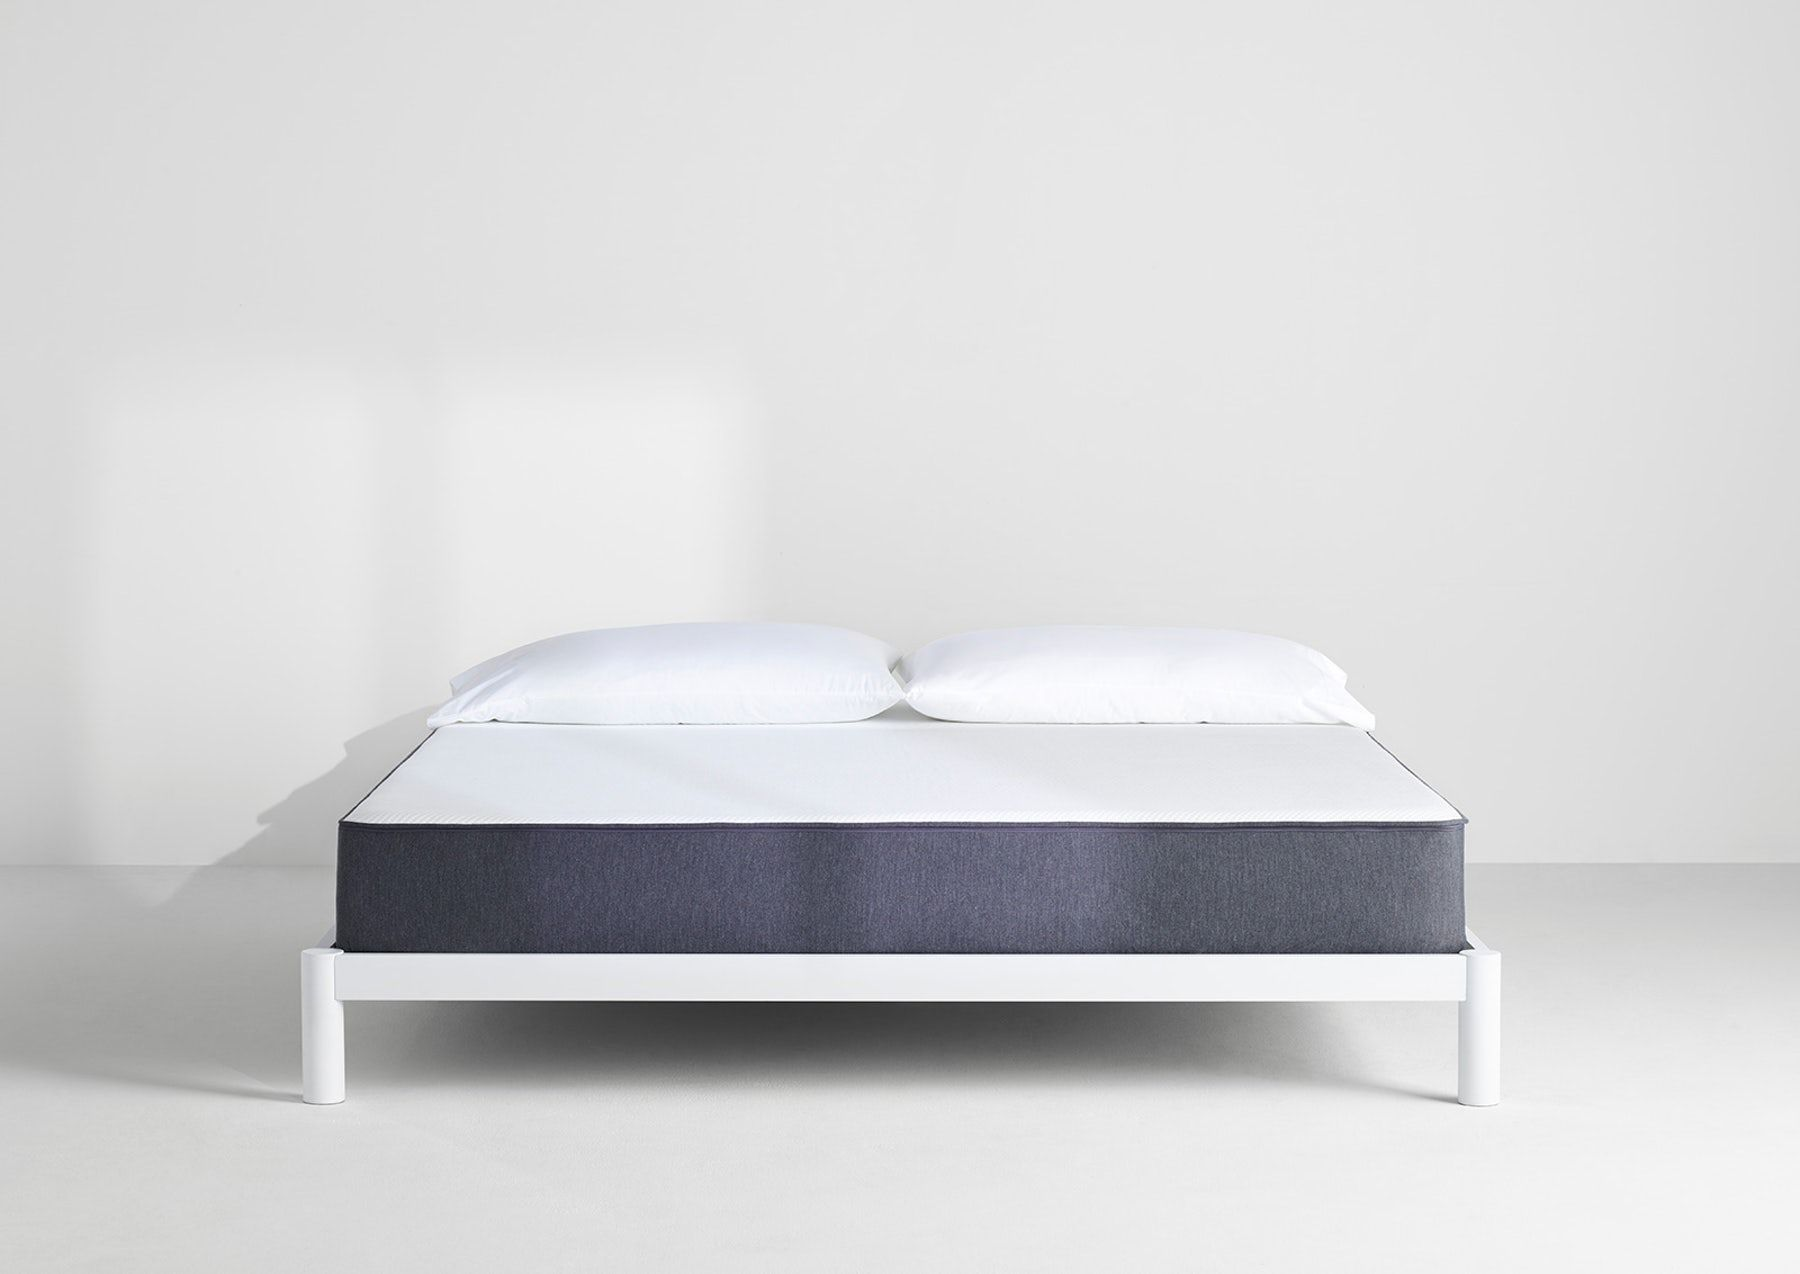 bdrm 2 2 twin xl casper mattress main malibu small bedroom